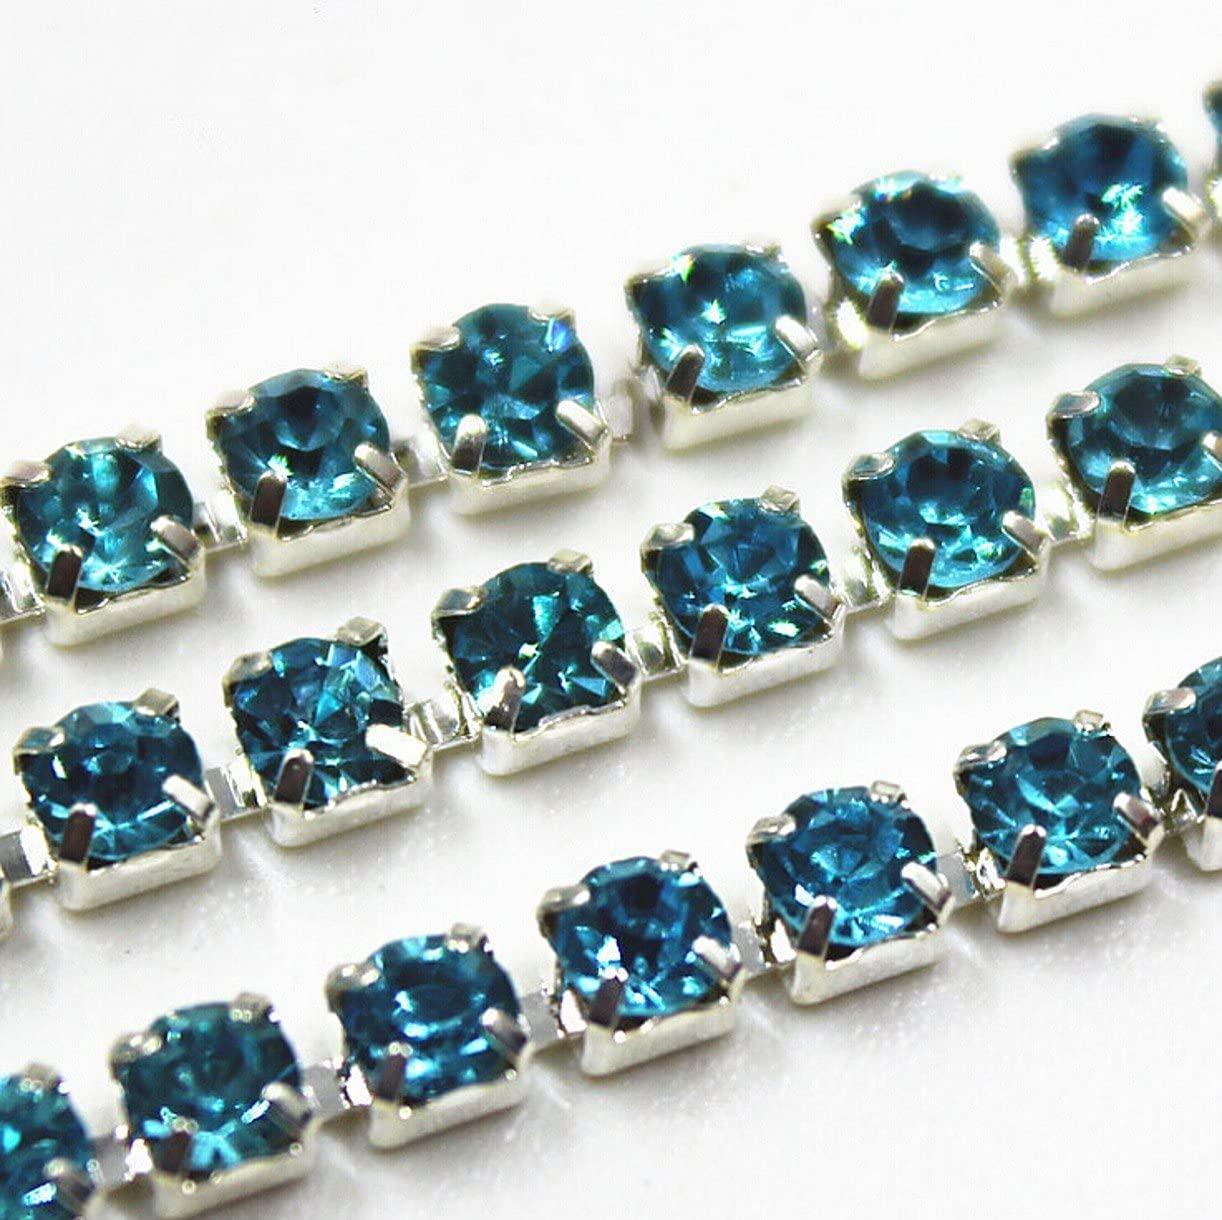 WellieSTR 10 Yard Of Blue Crystal Rhinestone Close Chain Clear Trim Sewing Craft by DIY Design 2mm